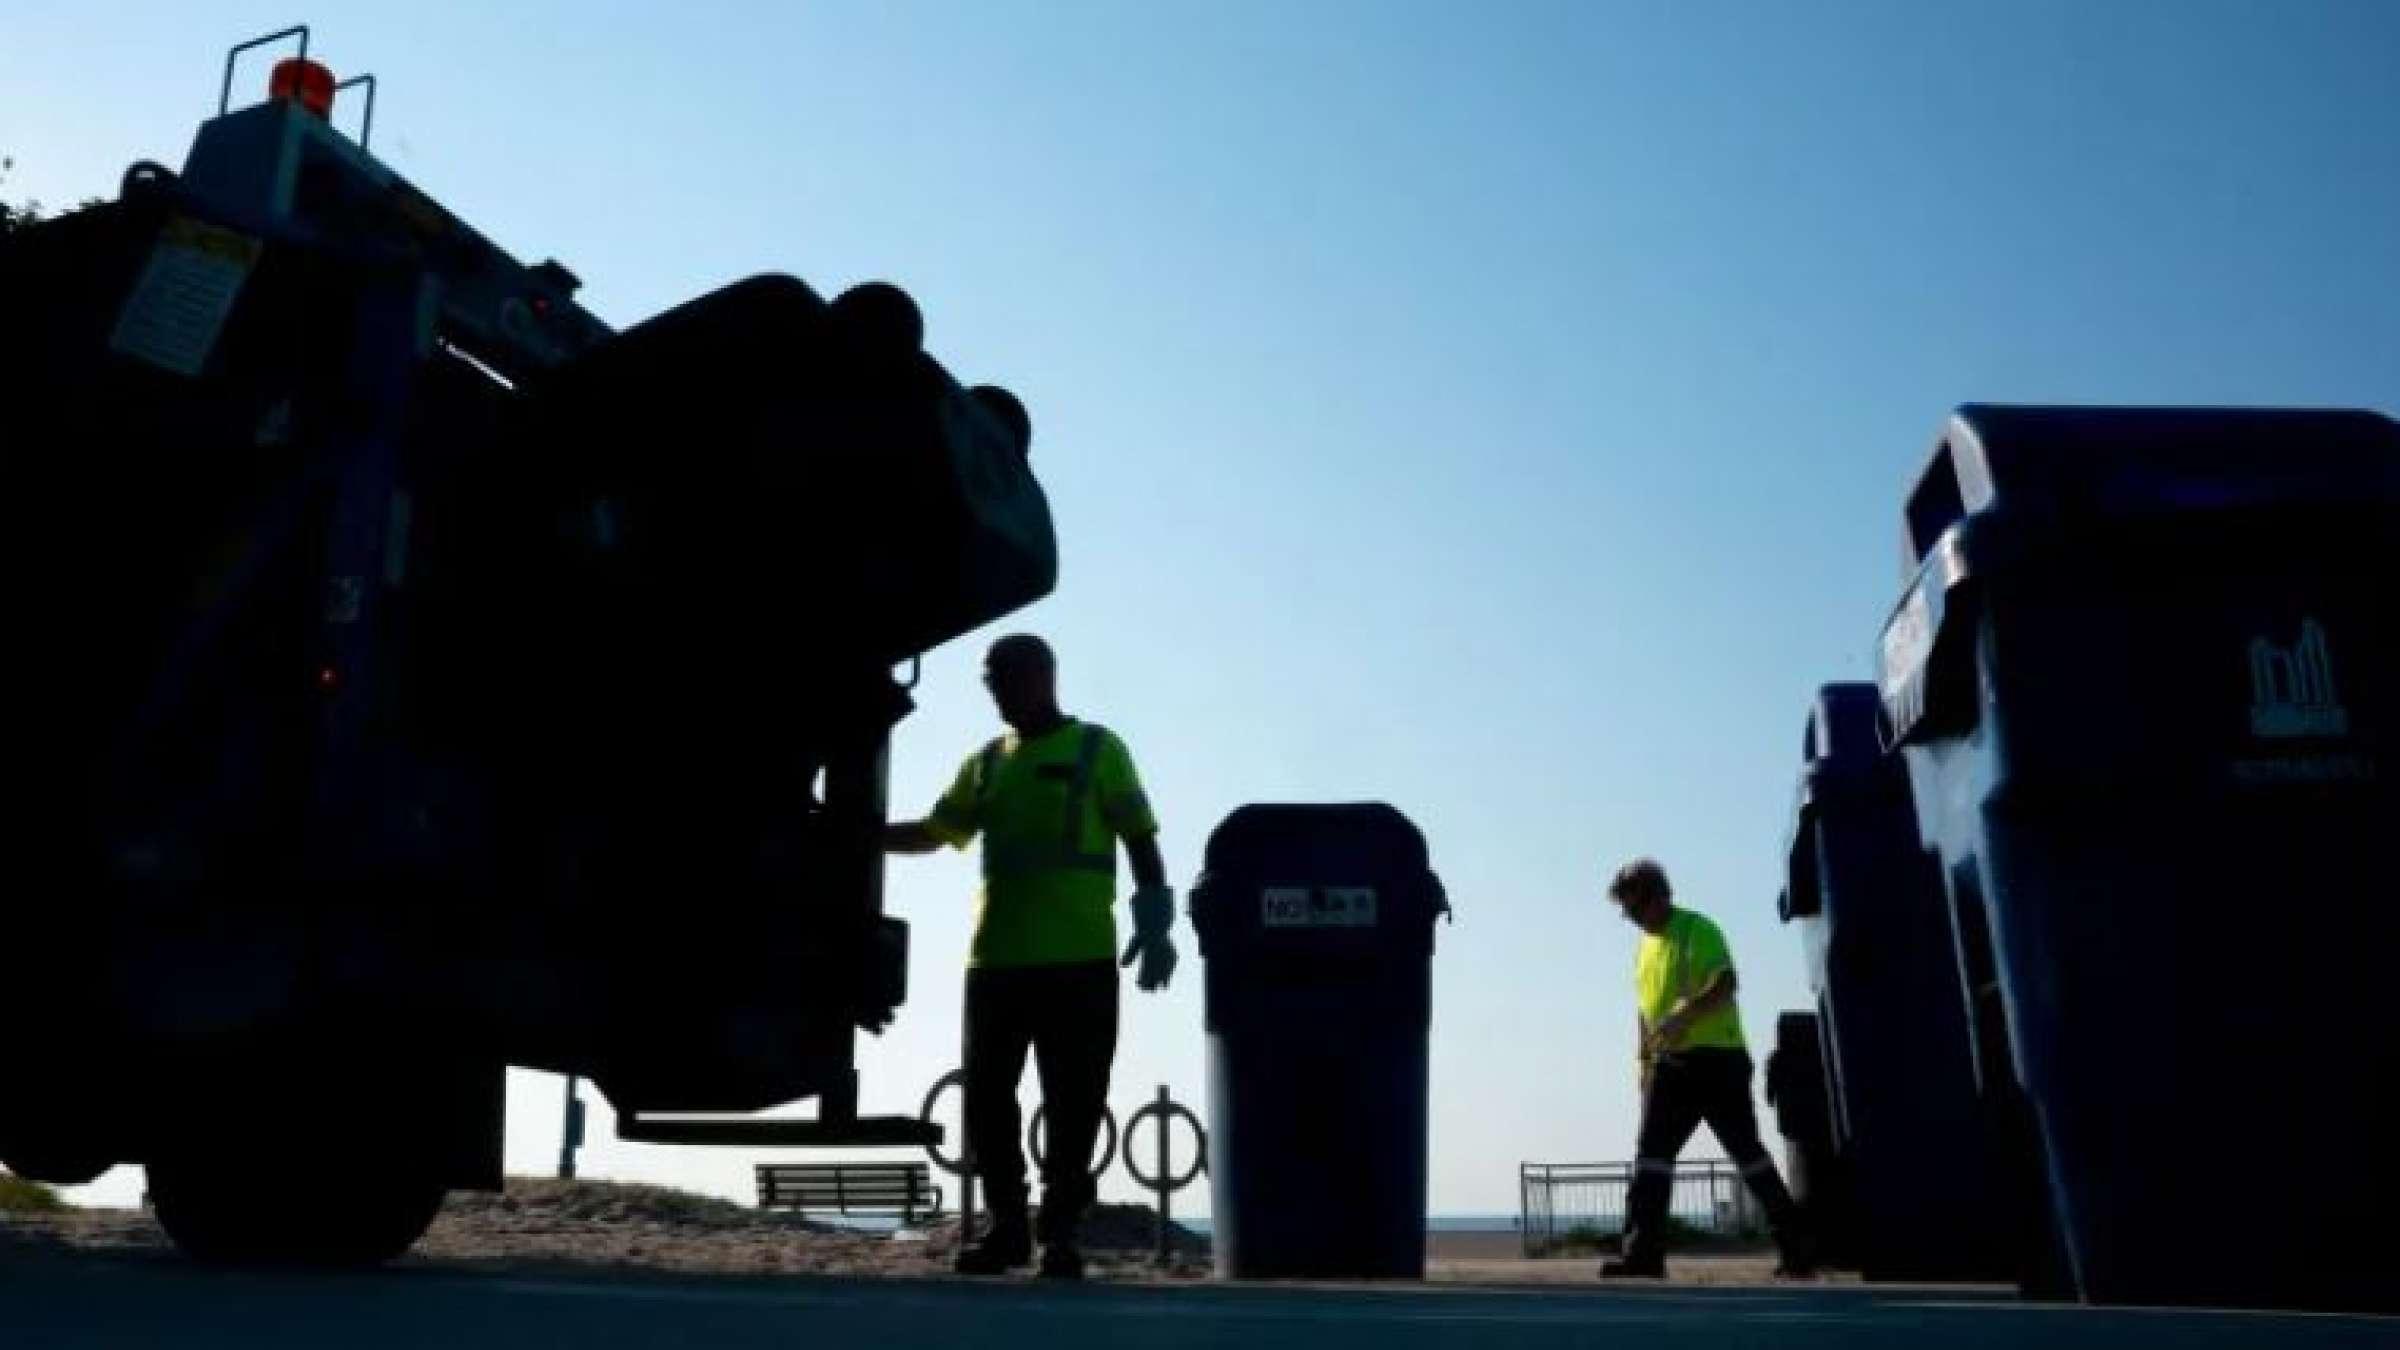 قانون-جدید-محل-دفن-زباله-در-اونتاریو-چه-می-گوید-چالش-های-قانون-جدید-محل-دفن- زباله-در-اونتاریو-چیست-این-قانون-چه-مشکلی-برای-تورنتو-ایجاد-می-کند